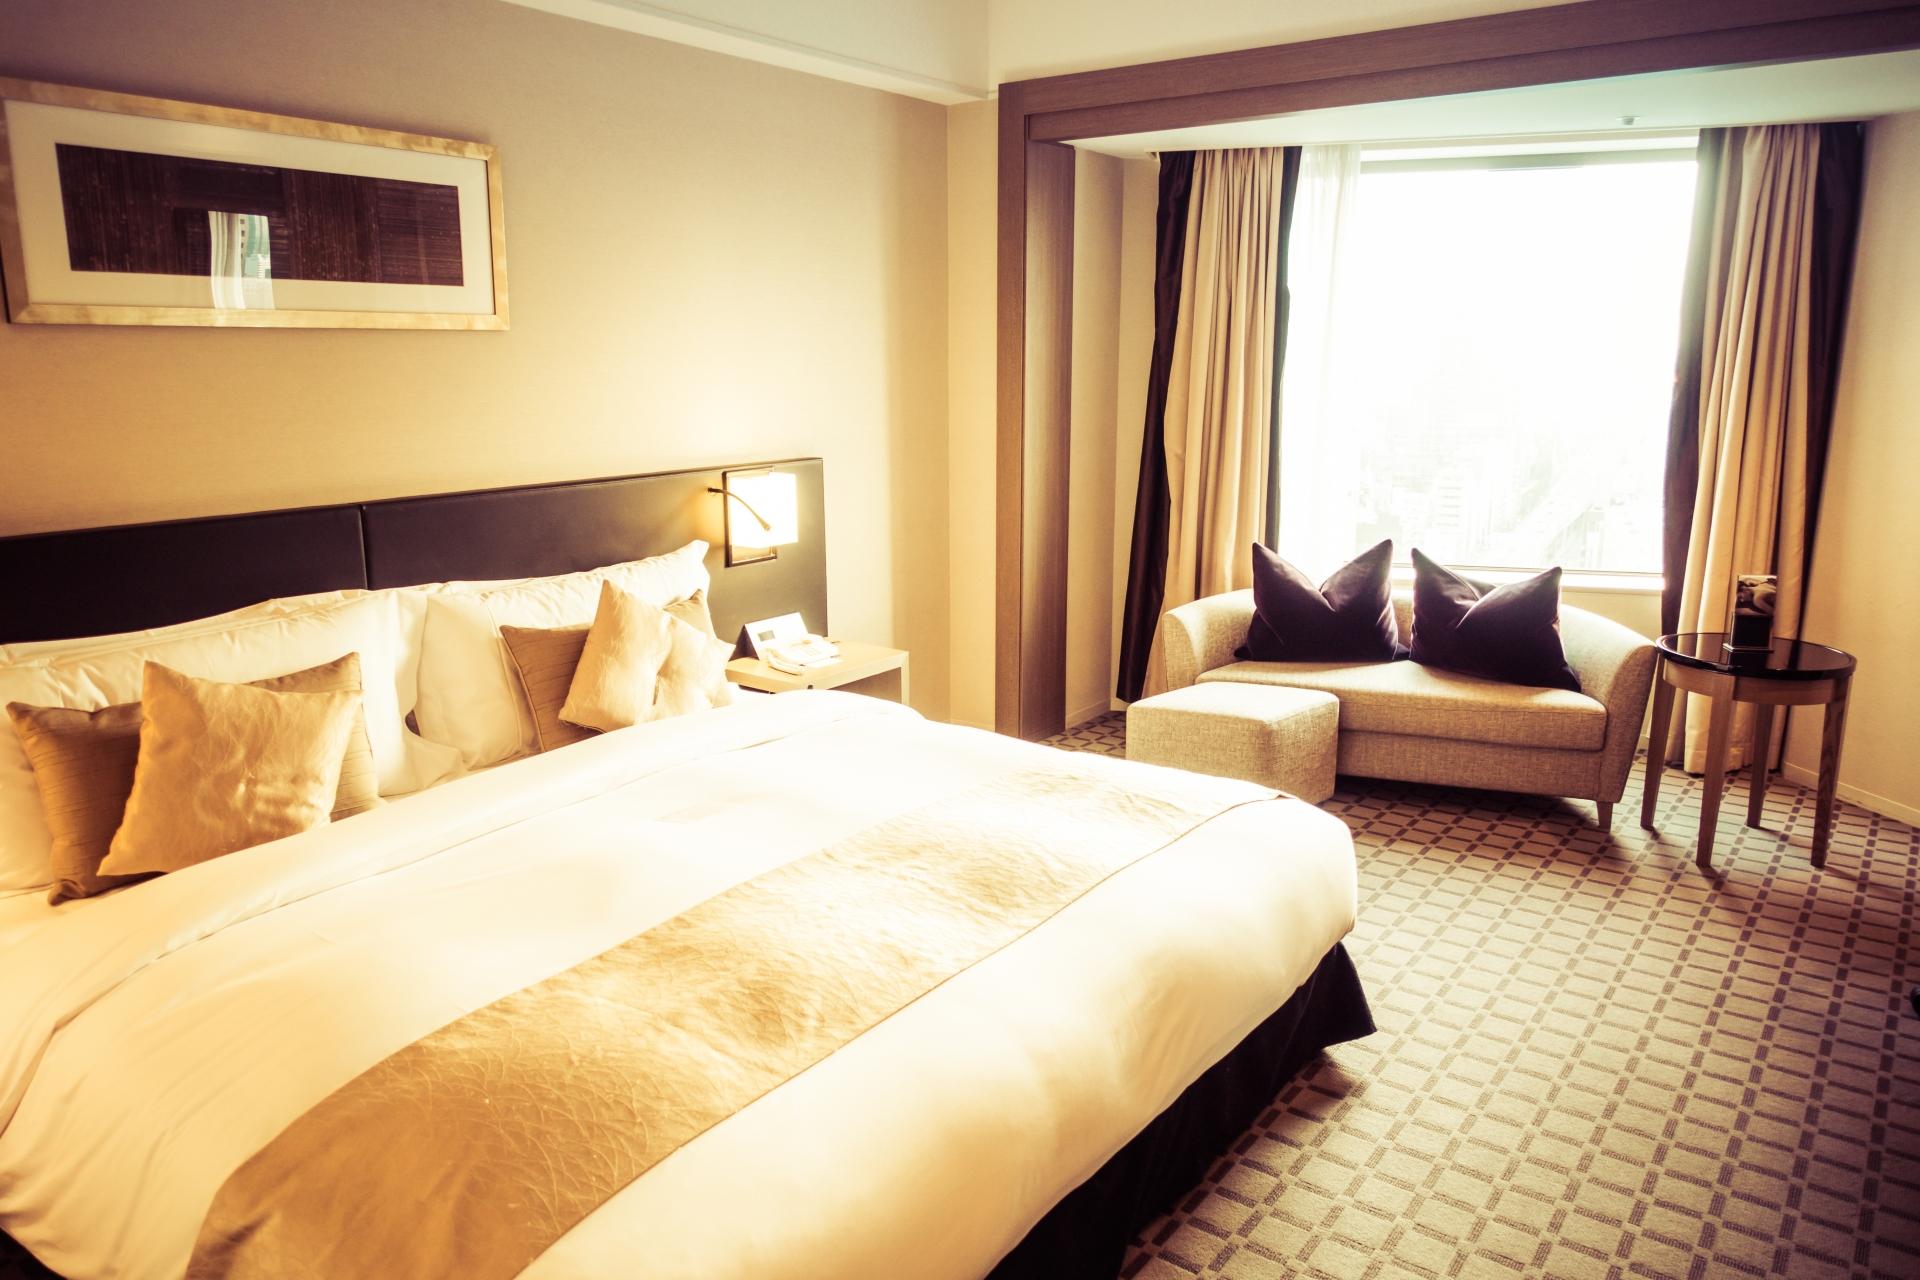 狭くても、評価が上がるビジネスホテルの内装の効果